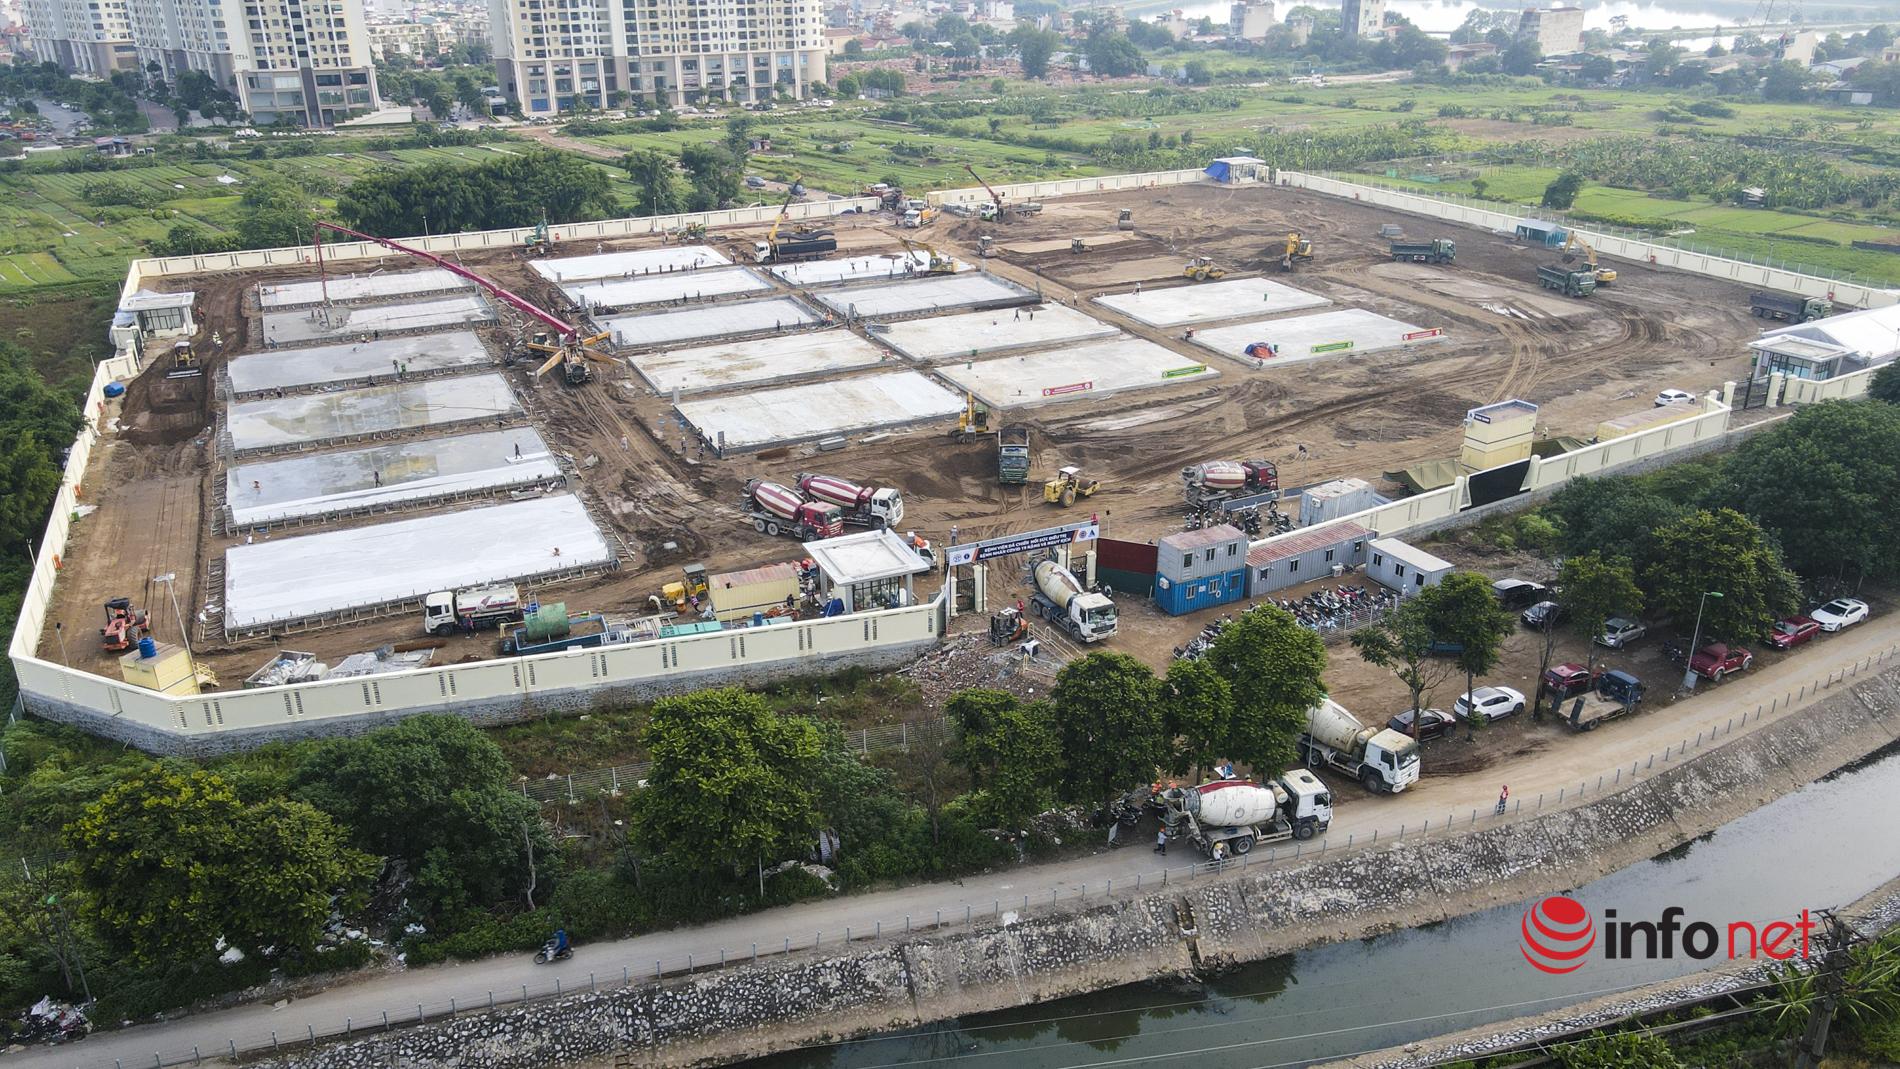 Hà Nội: Công nhân gấp rút xây dựng bệnh viện dã chiến tại quận Hoàng Mai